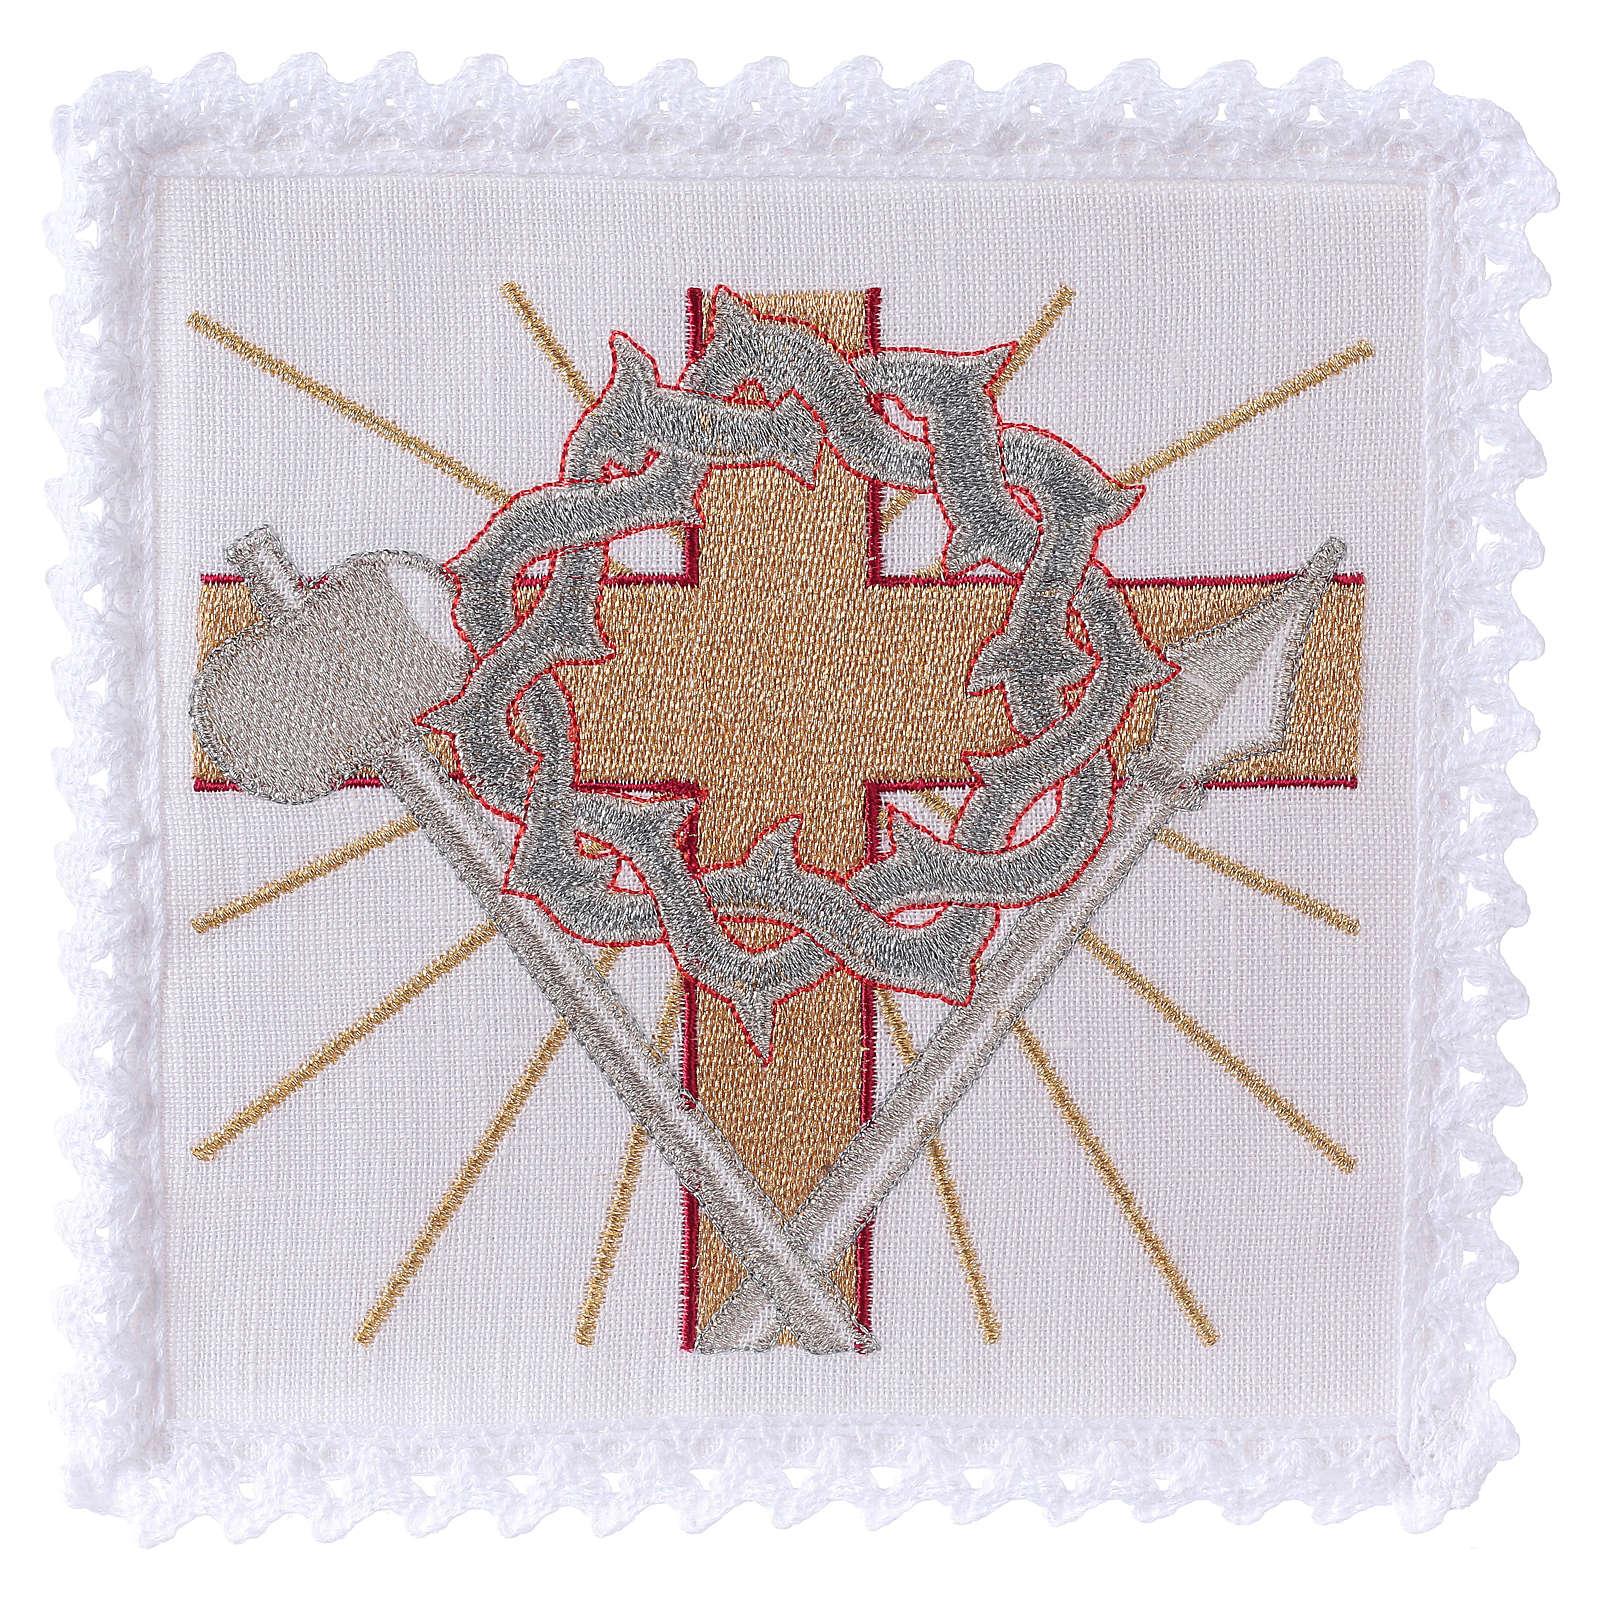 Servicio de altar hilo cruz lanca corona de espinas 4